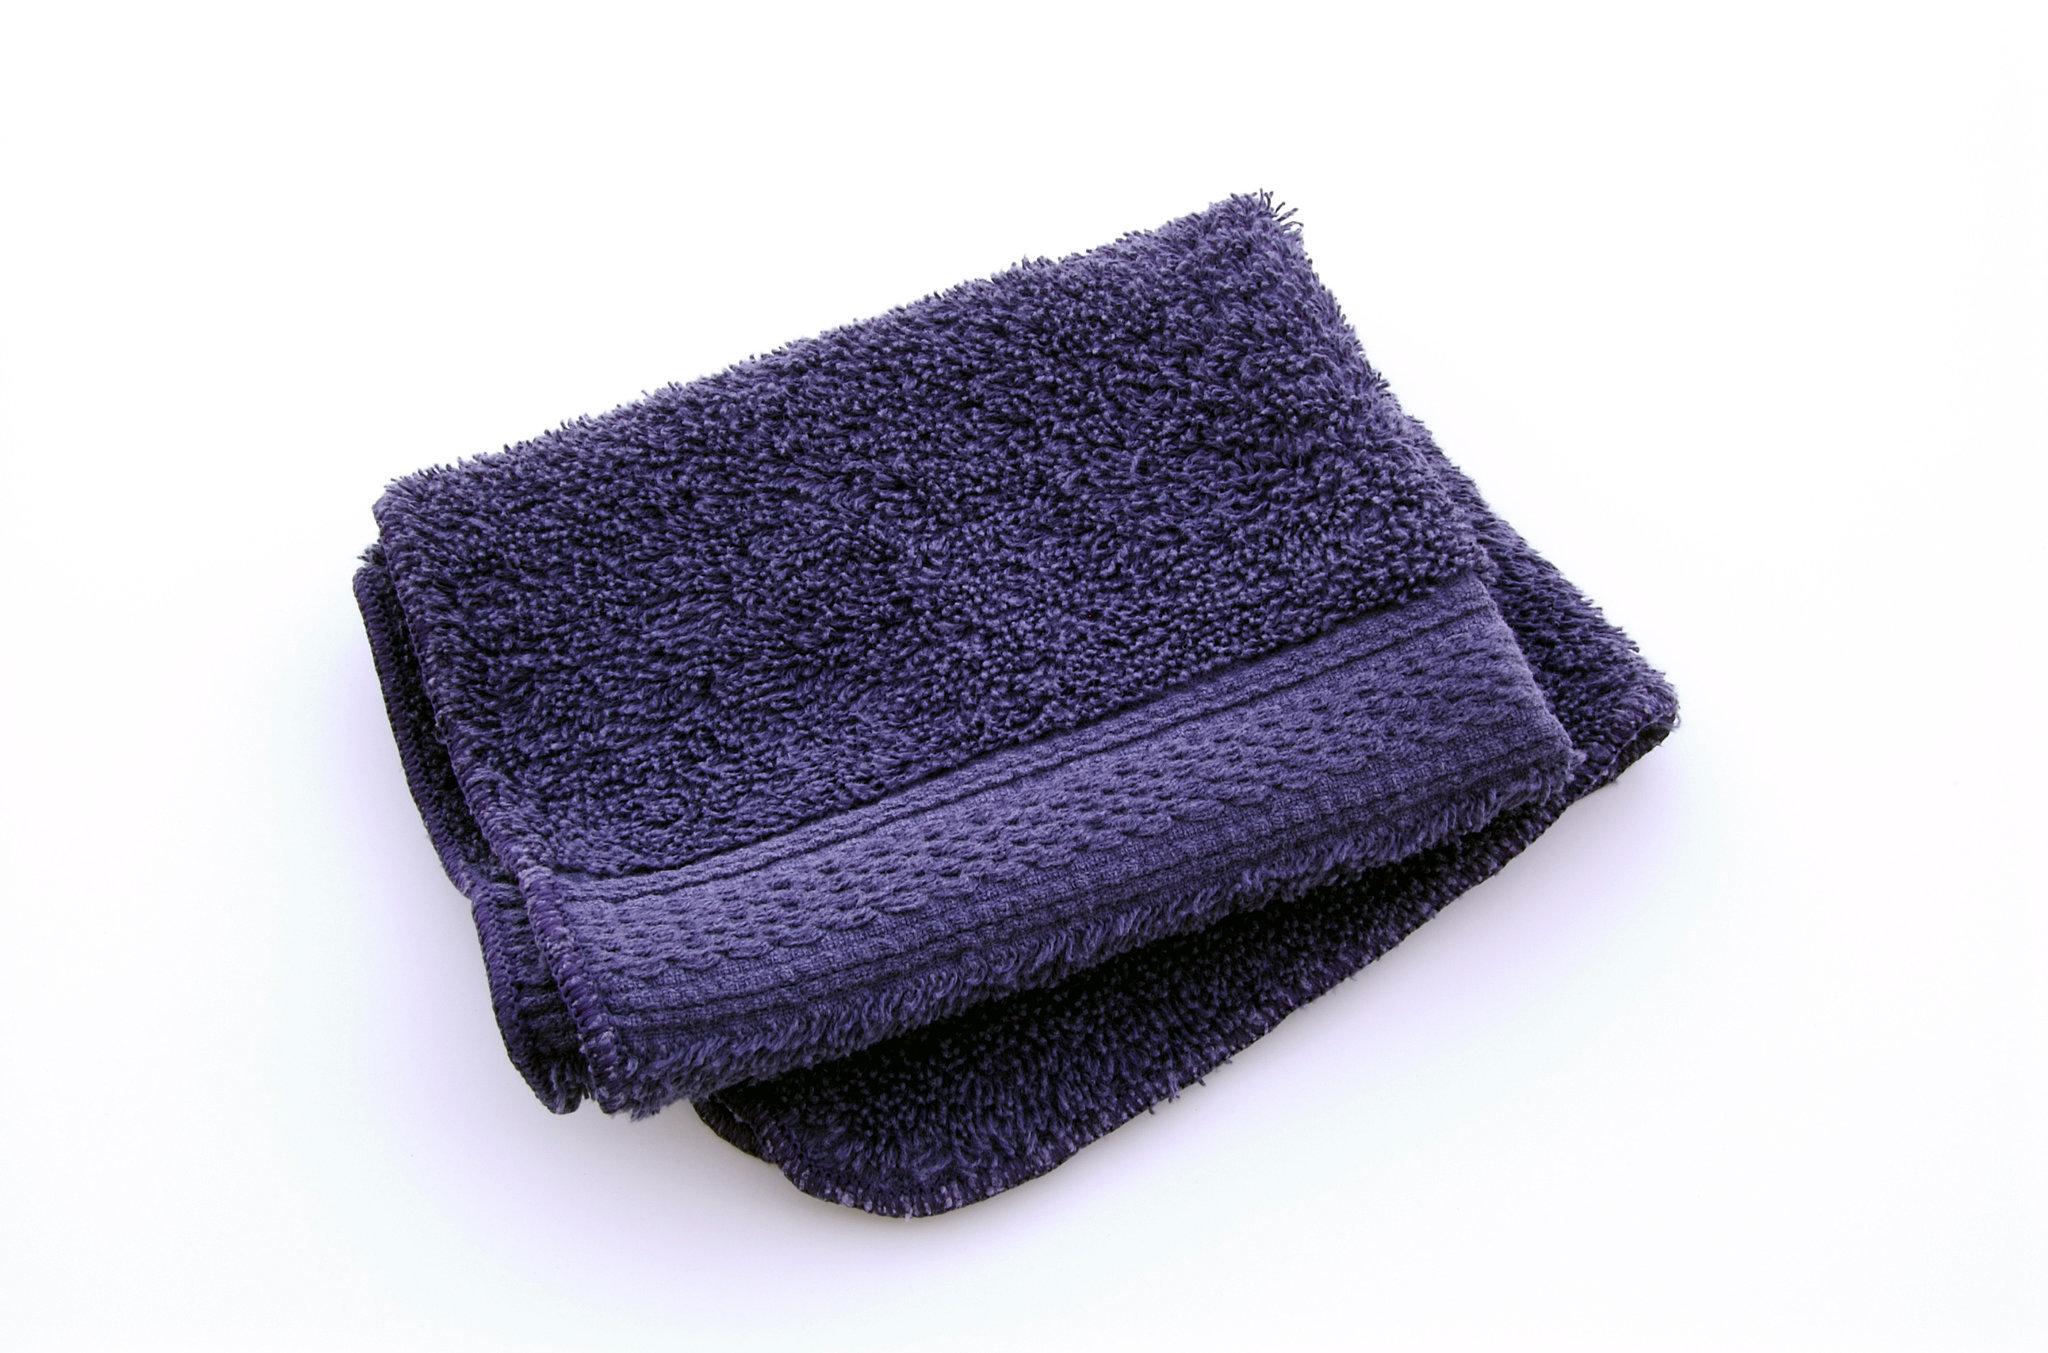 A Warm Washcloth